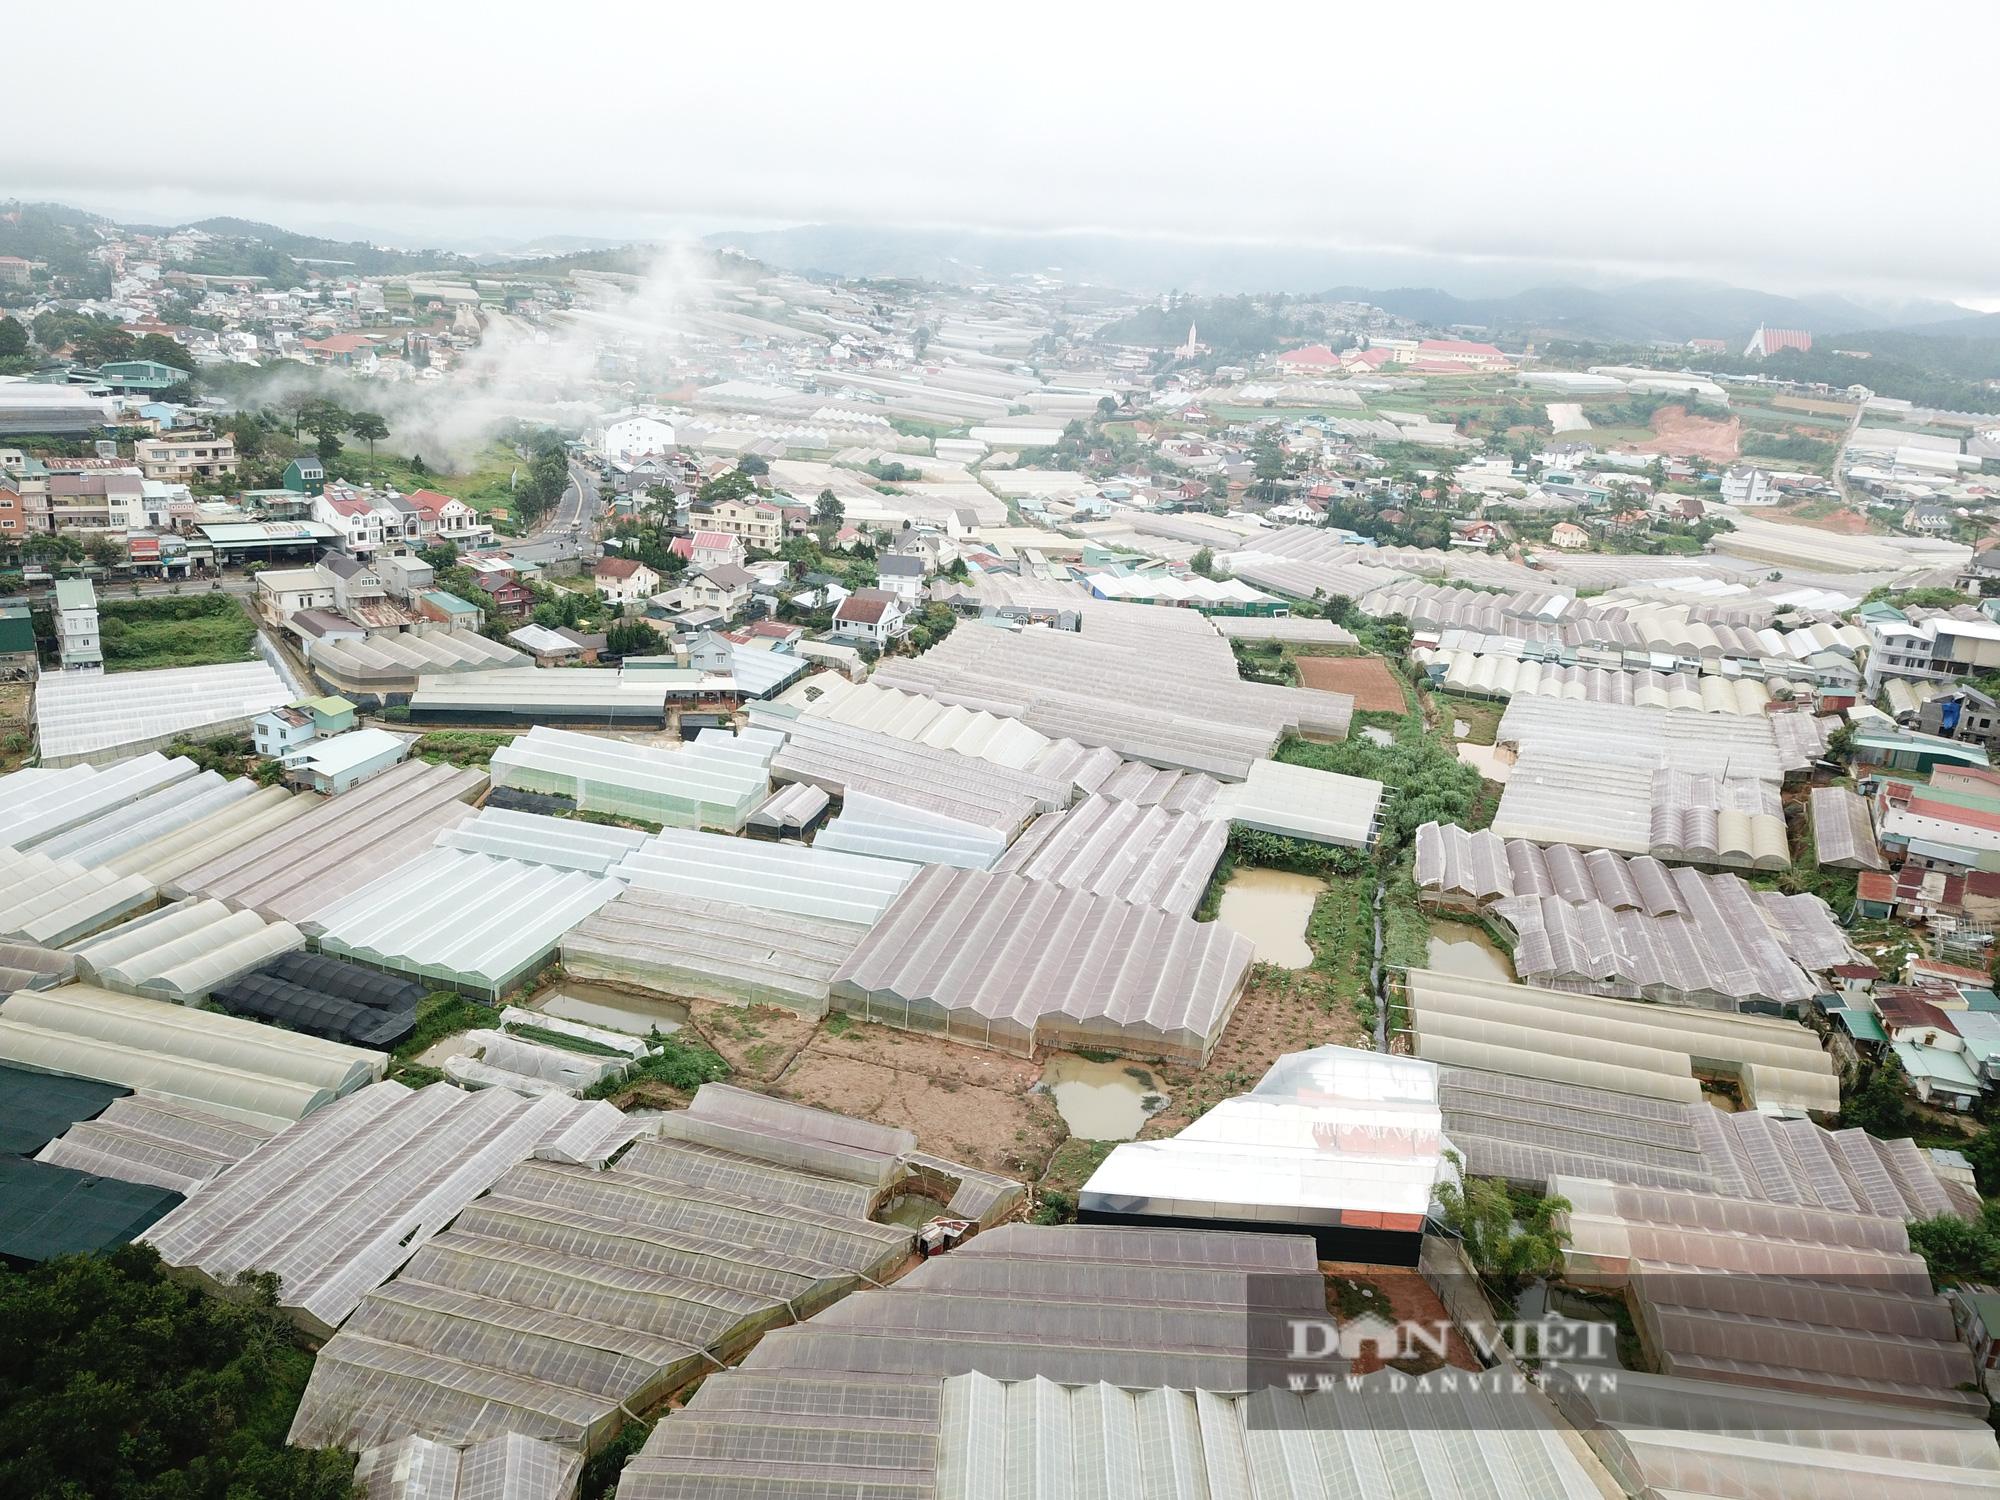 """Lâm Đồng: Giá thuê đất nông nghiệp """"trên trời"""" khiến nhà đầu tư """"e ngại"""" - Ảnh 3."""